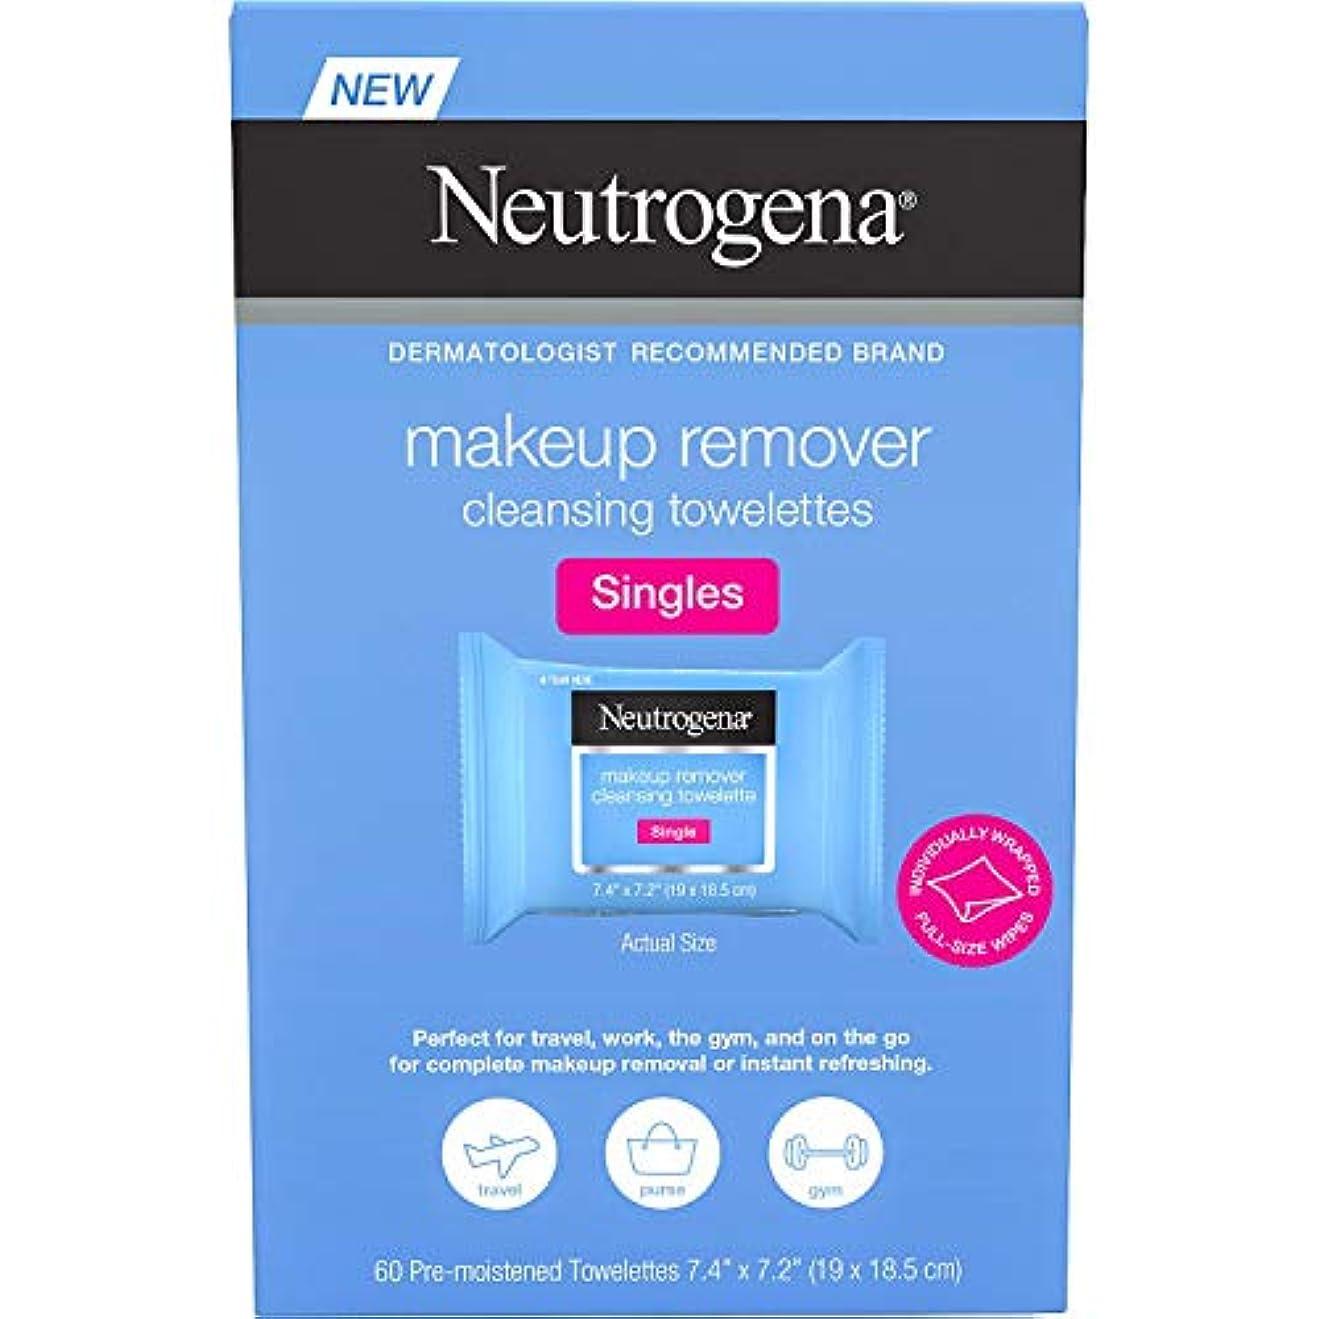 好色な談話崩壊NEUTROGENA Makeup Remover Cleansing Towelettes Singles Pack - 60 Count -1 Pack